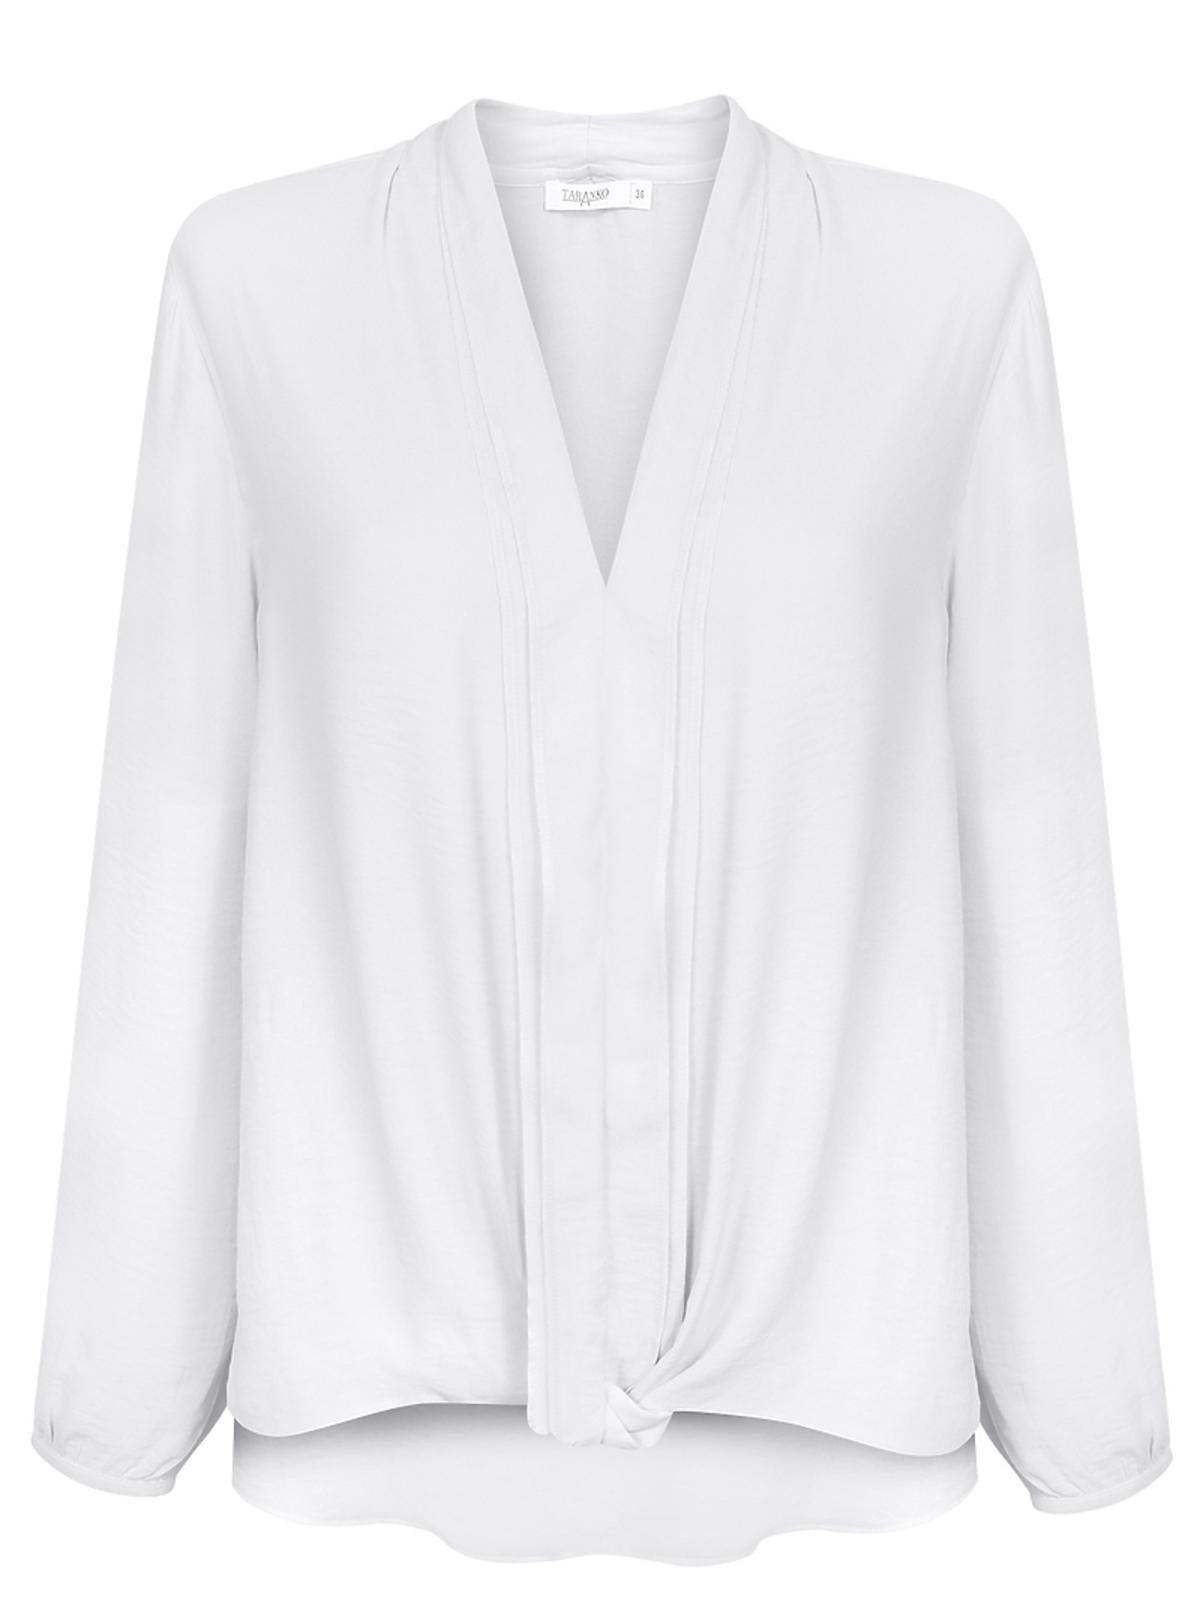 Biała koszula z wiązaniem Taranko, 219 zł